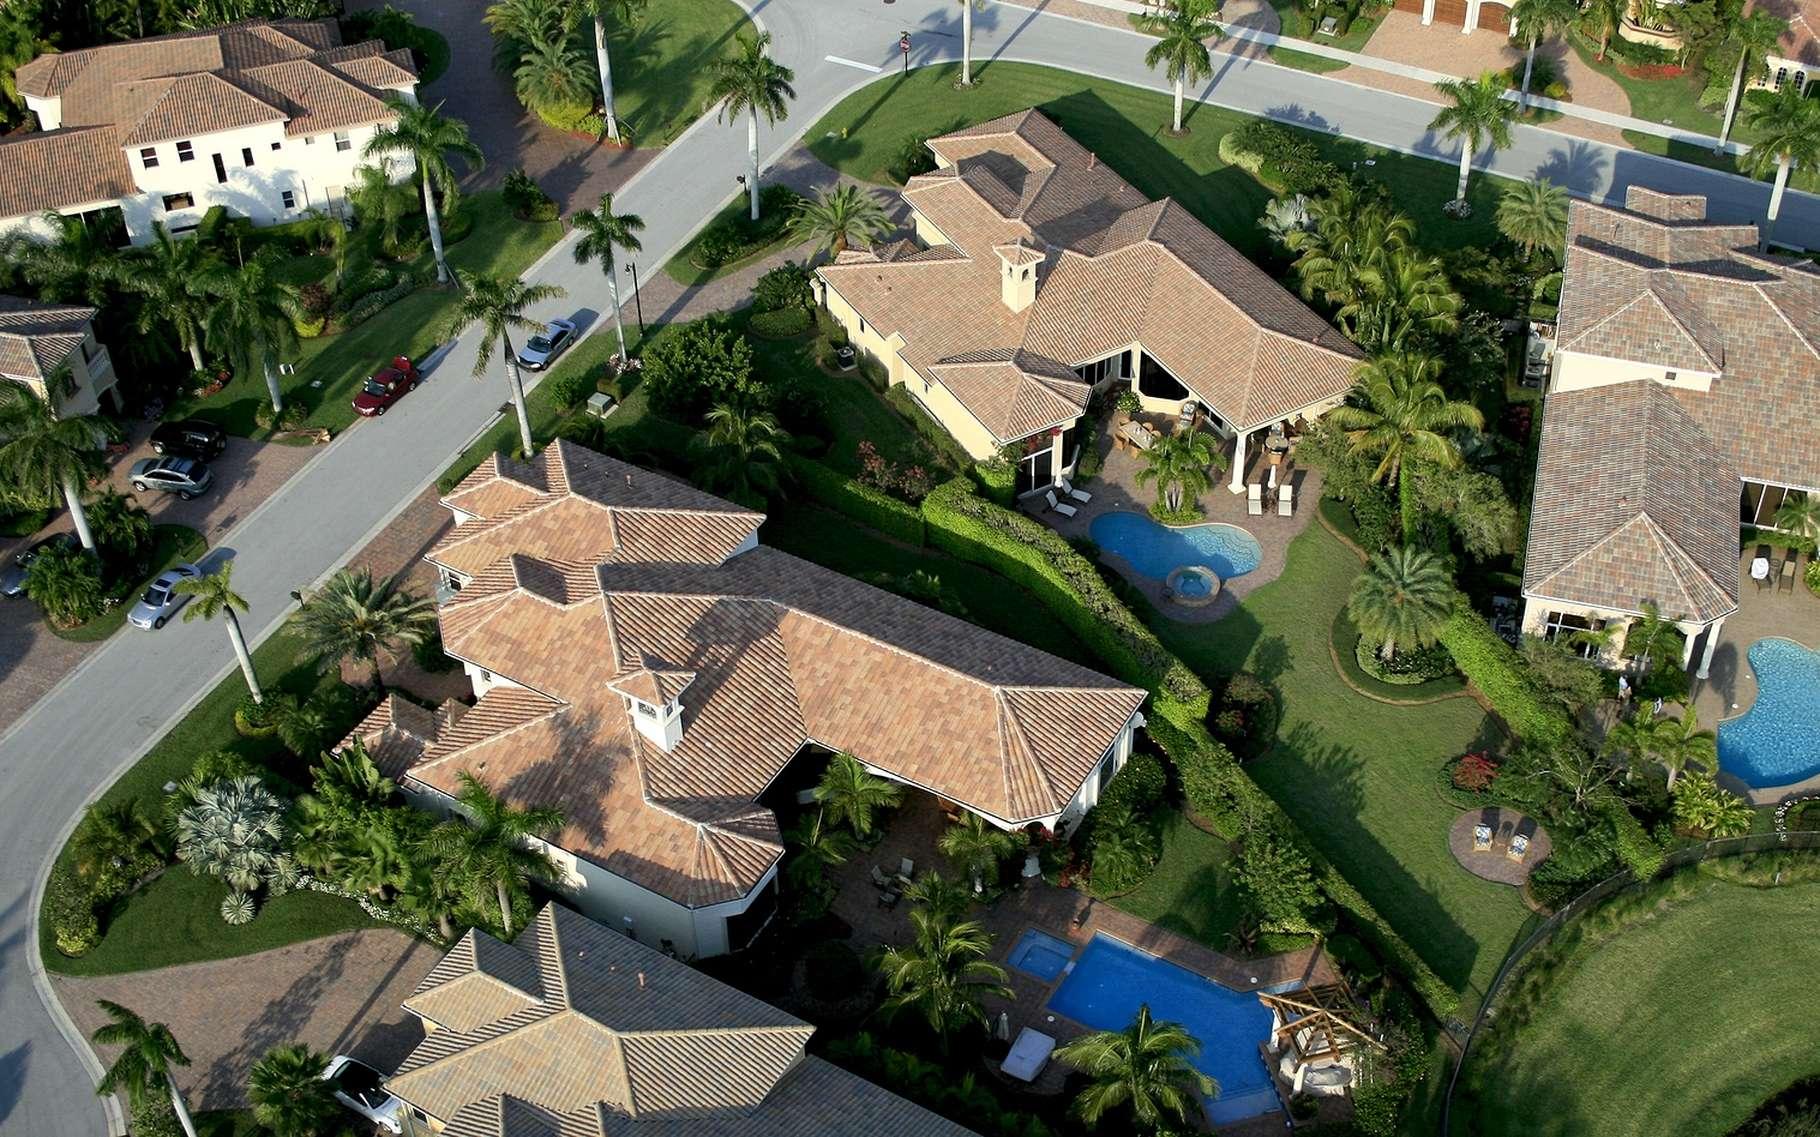 Des lieux de rêve pour habiter… Mais avec des tas d'insectes dans leurs maisons. © TI, Shutterstock